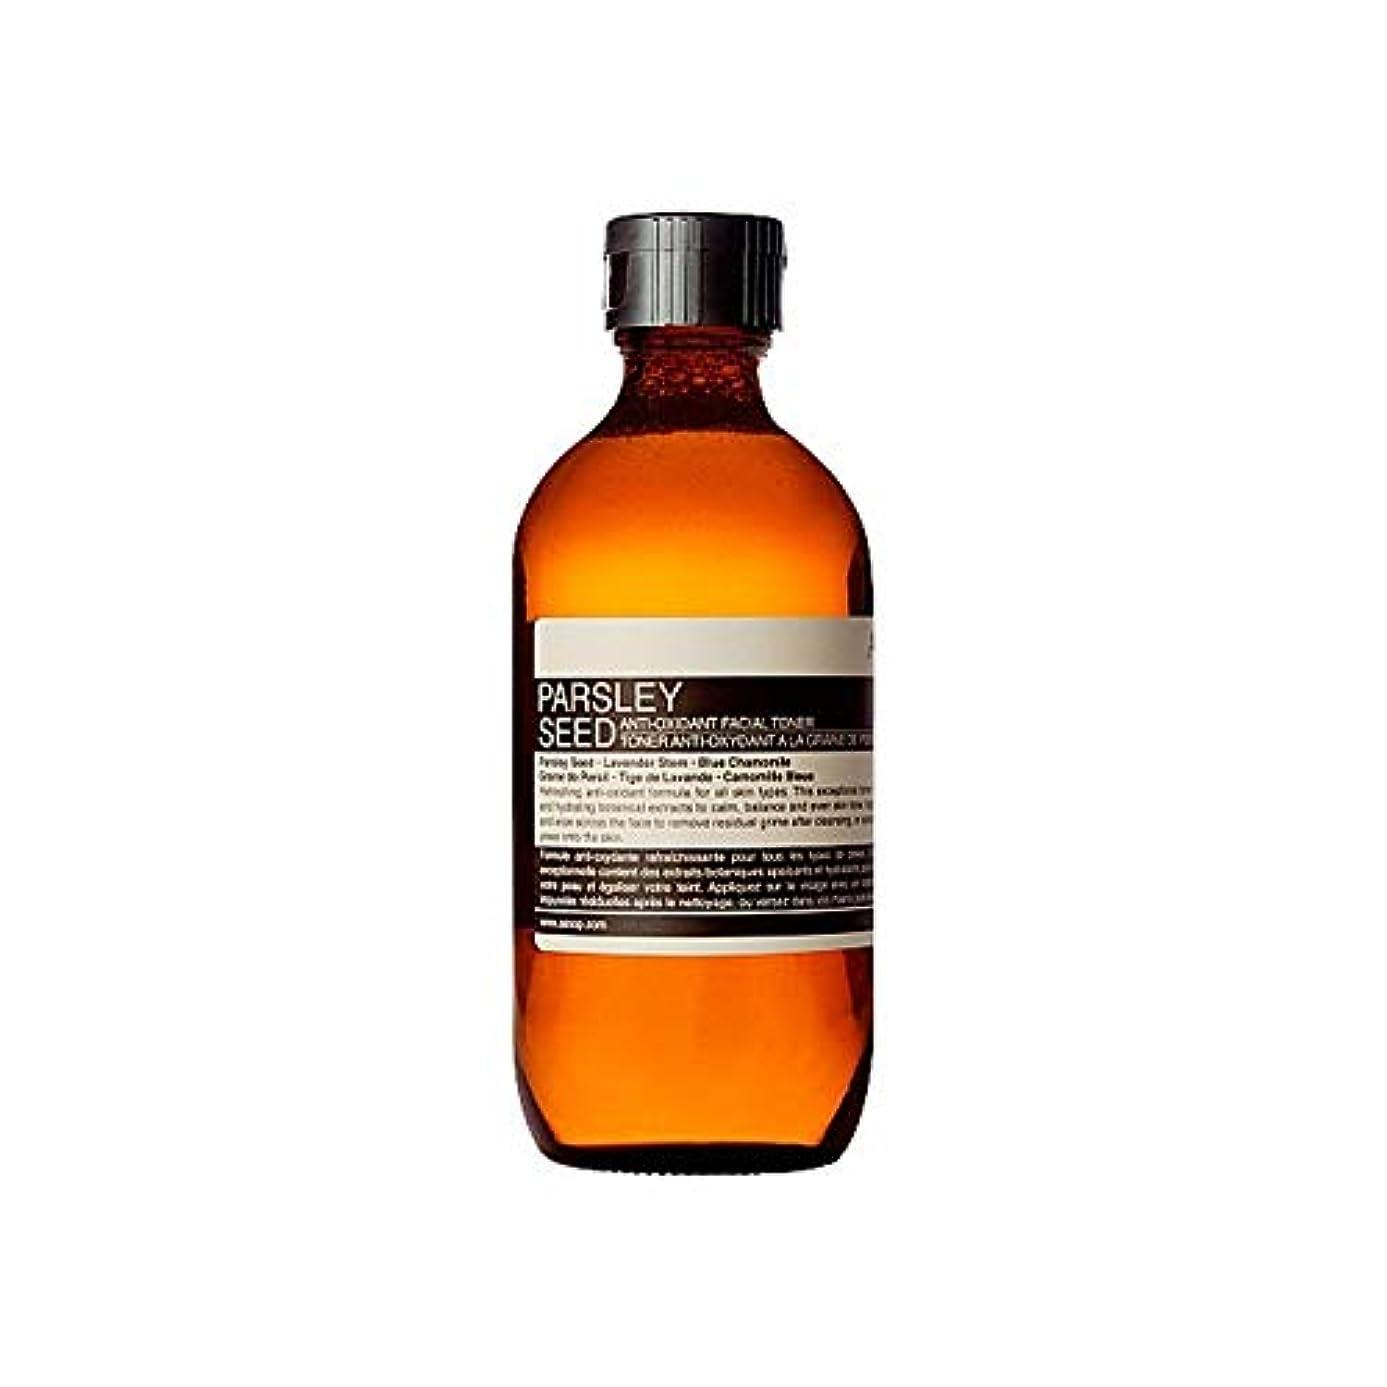 常習的アンデス山脈デンマーク語[Aesop] イソップのパセリシード抗酸化フェイシャルトナー200ミリリットル - Aesop Parsley Seed Antioxidant Facial Toner 200ml [並行輸入品]